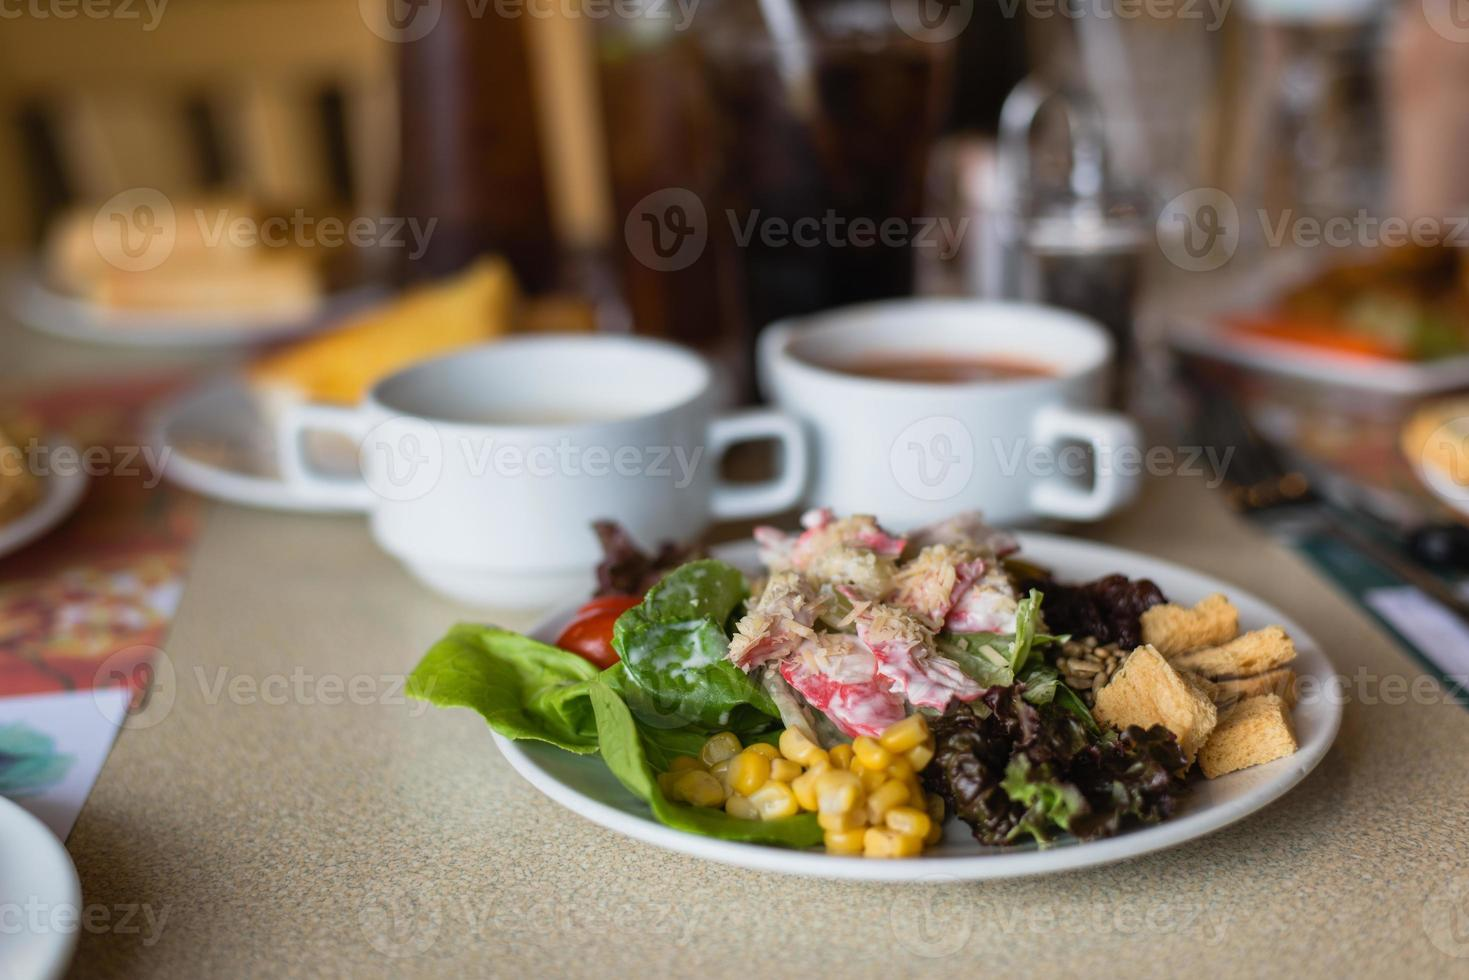 buffet de saladas com vegetais variados. foto